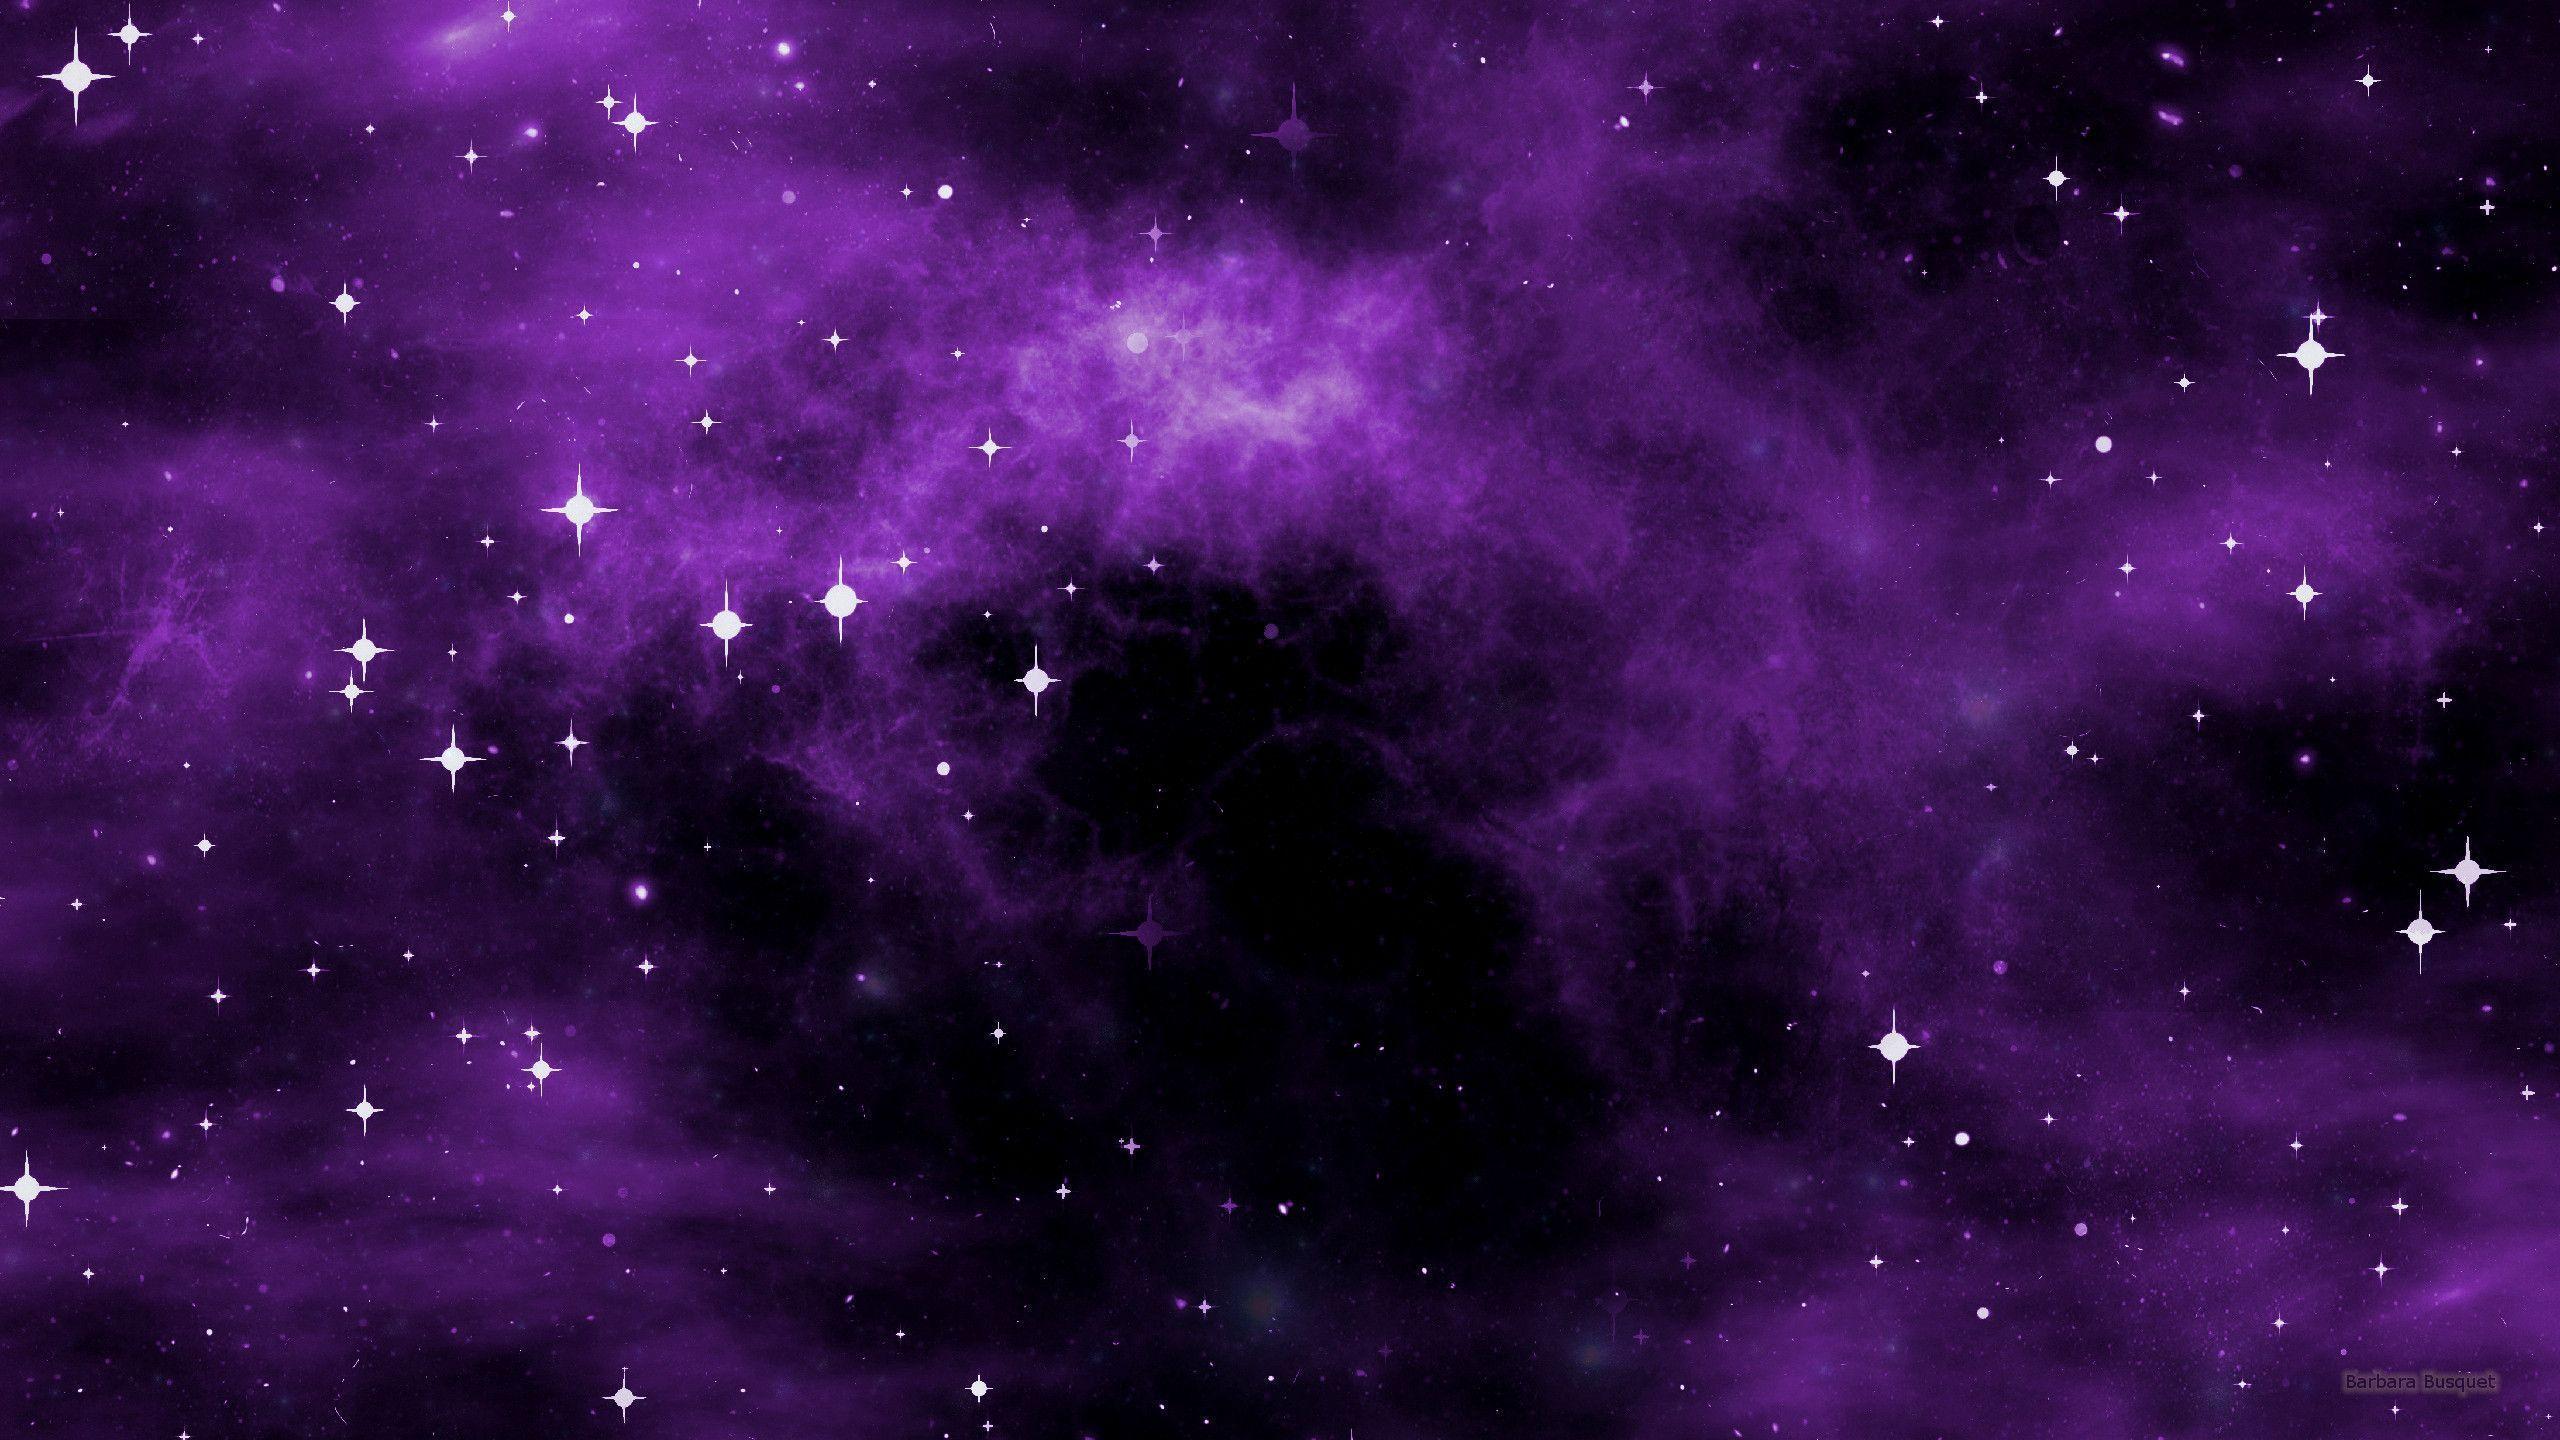 Purple Galaxy Wallpaper High Quality Monodomo Galaxy Wallpaper Macbook Air Wallpaper Purple Galaxy Wallpaper